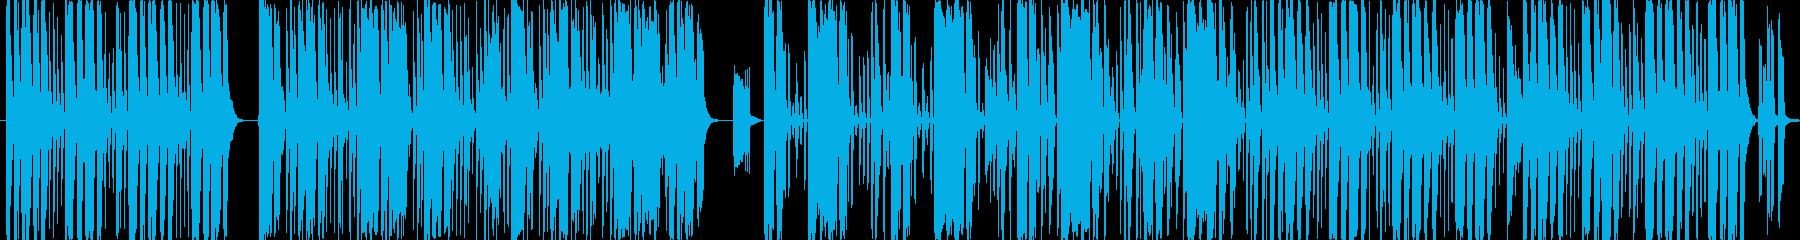 イージーリスニング サスペンス ア...の再生済みの波形